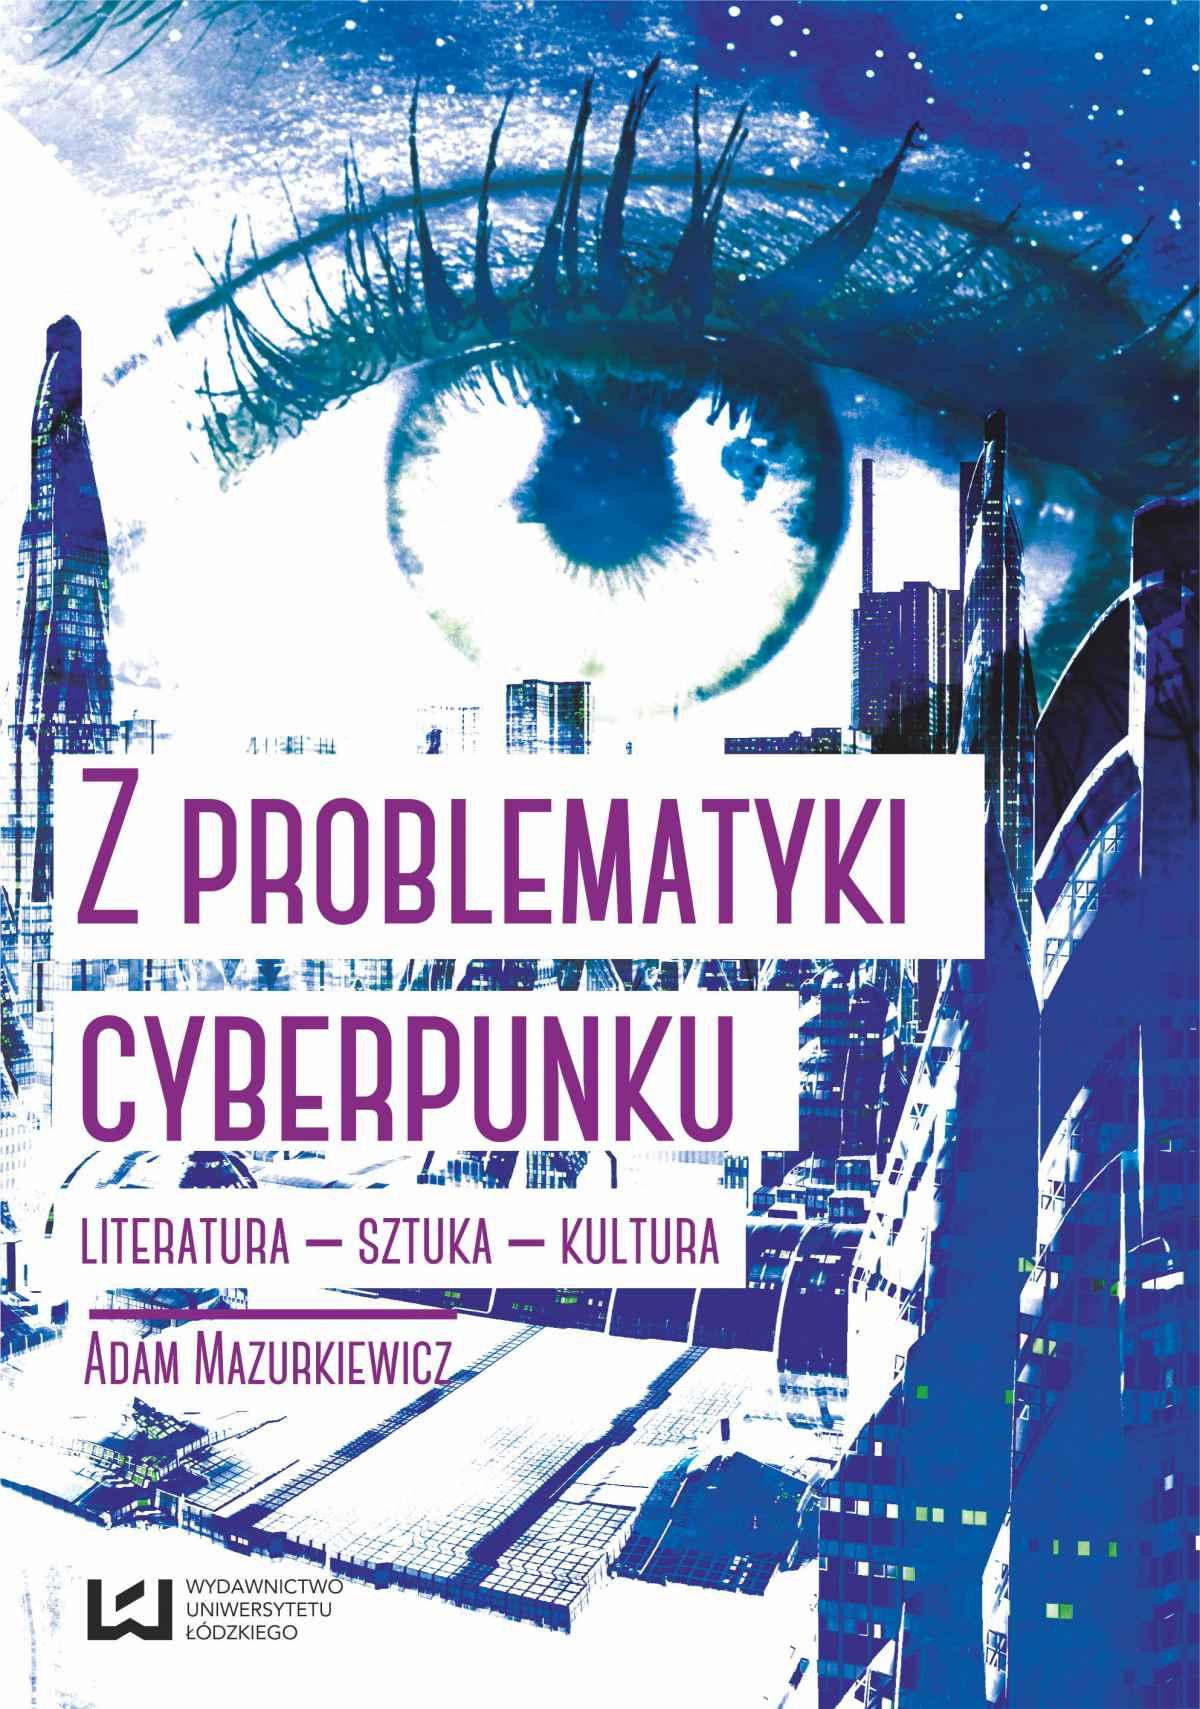 Z problematyki cyberpunku. Literatura – sztuka – kultura - Ebook (Książka na Kindle) do pobrania w formacie MOBI